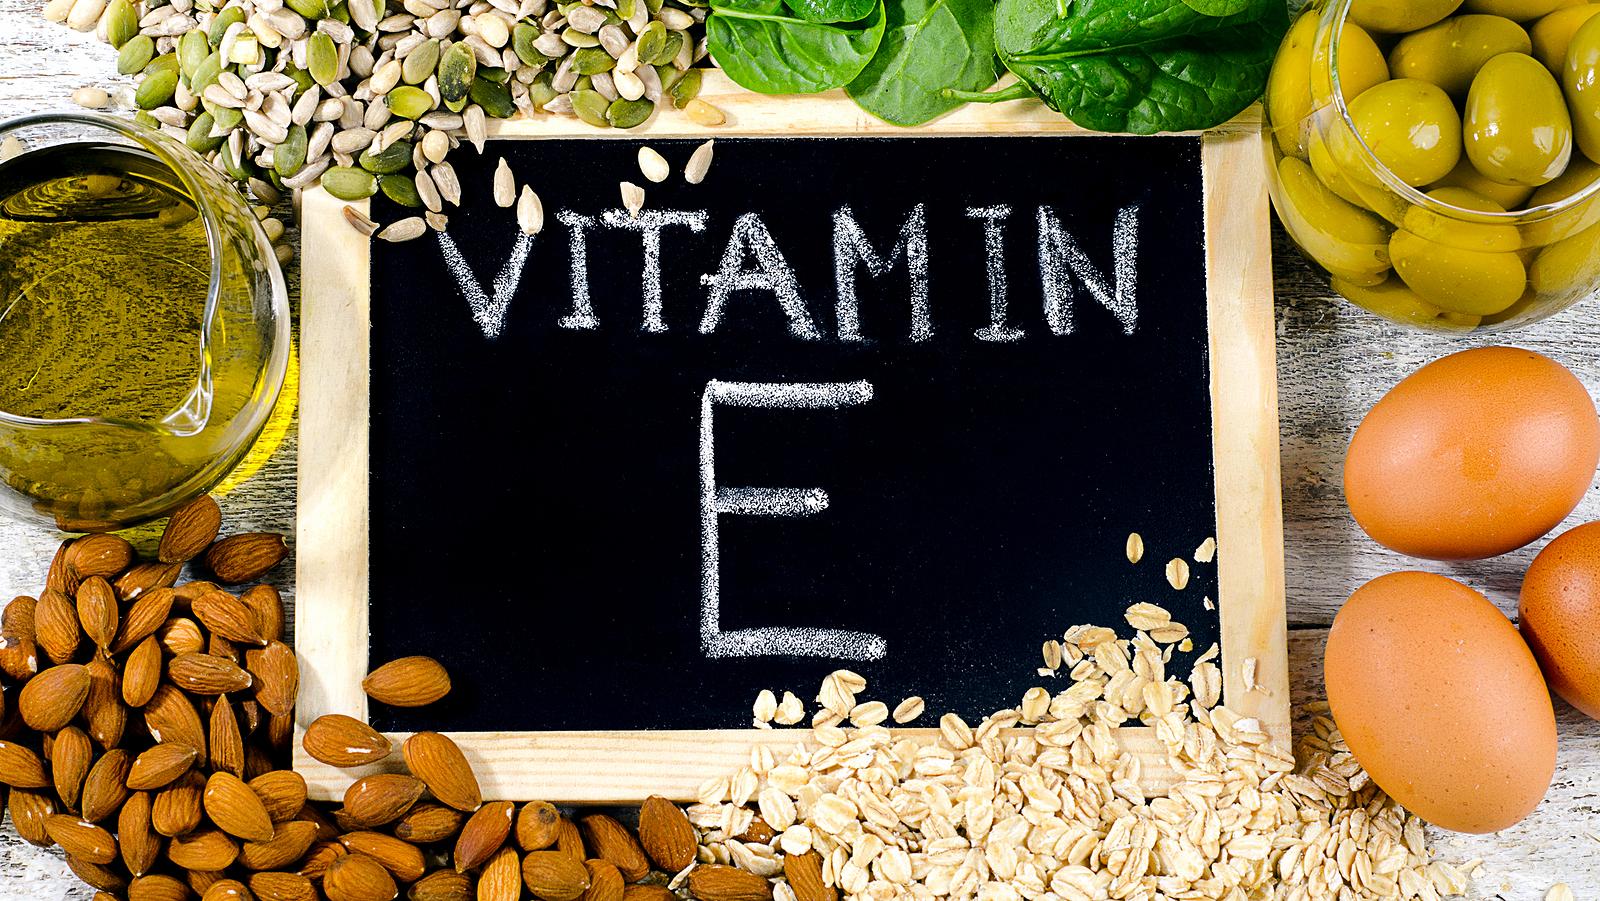 az e-vitamin magas vérnyomás esetén alkalmazható